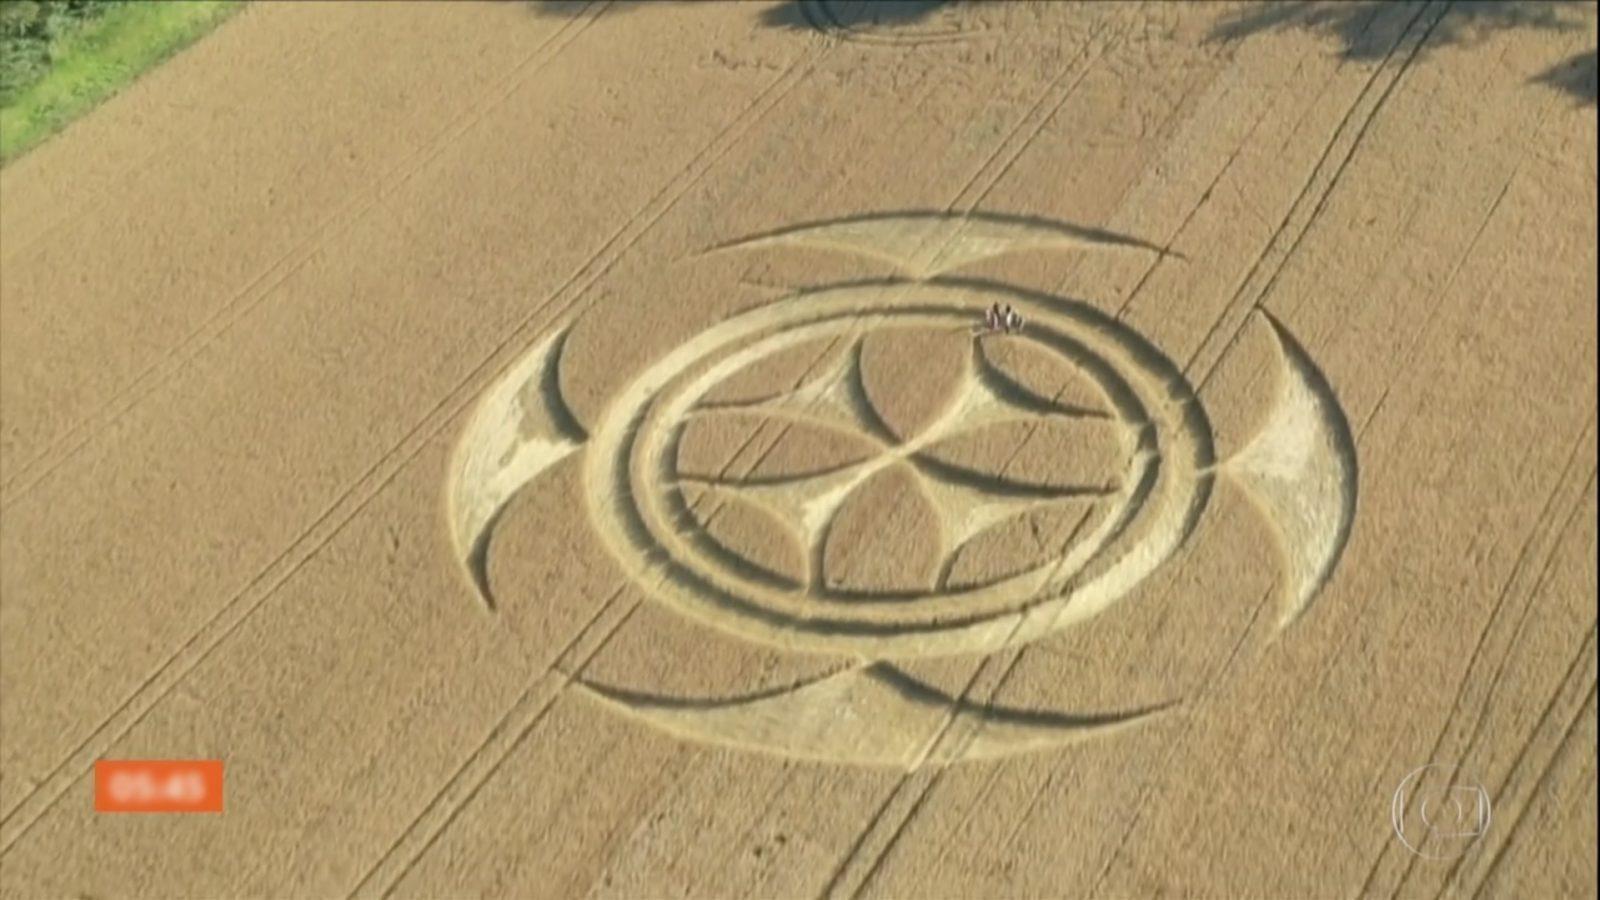 Símbolo misterioso gigante aparece em plantação na França – Catraca Livre – Notícias